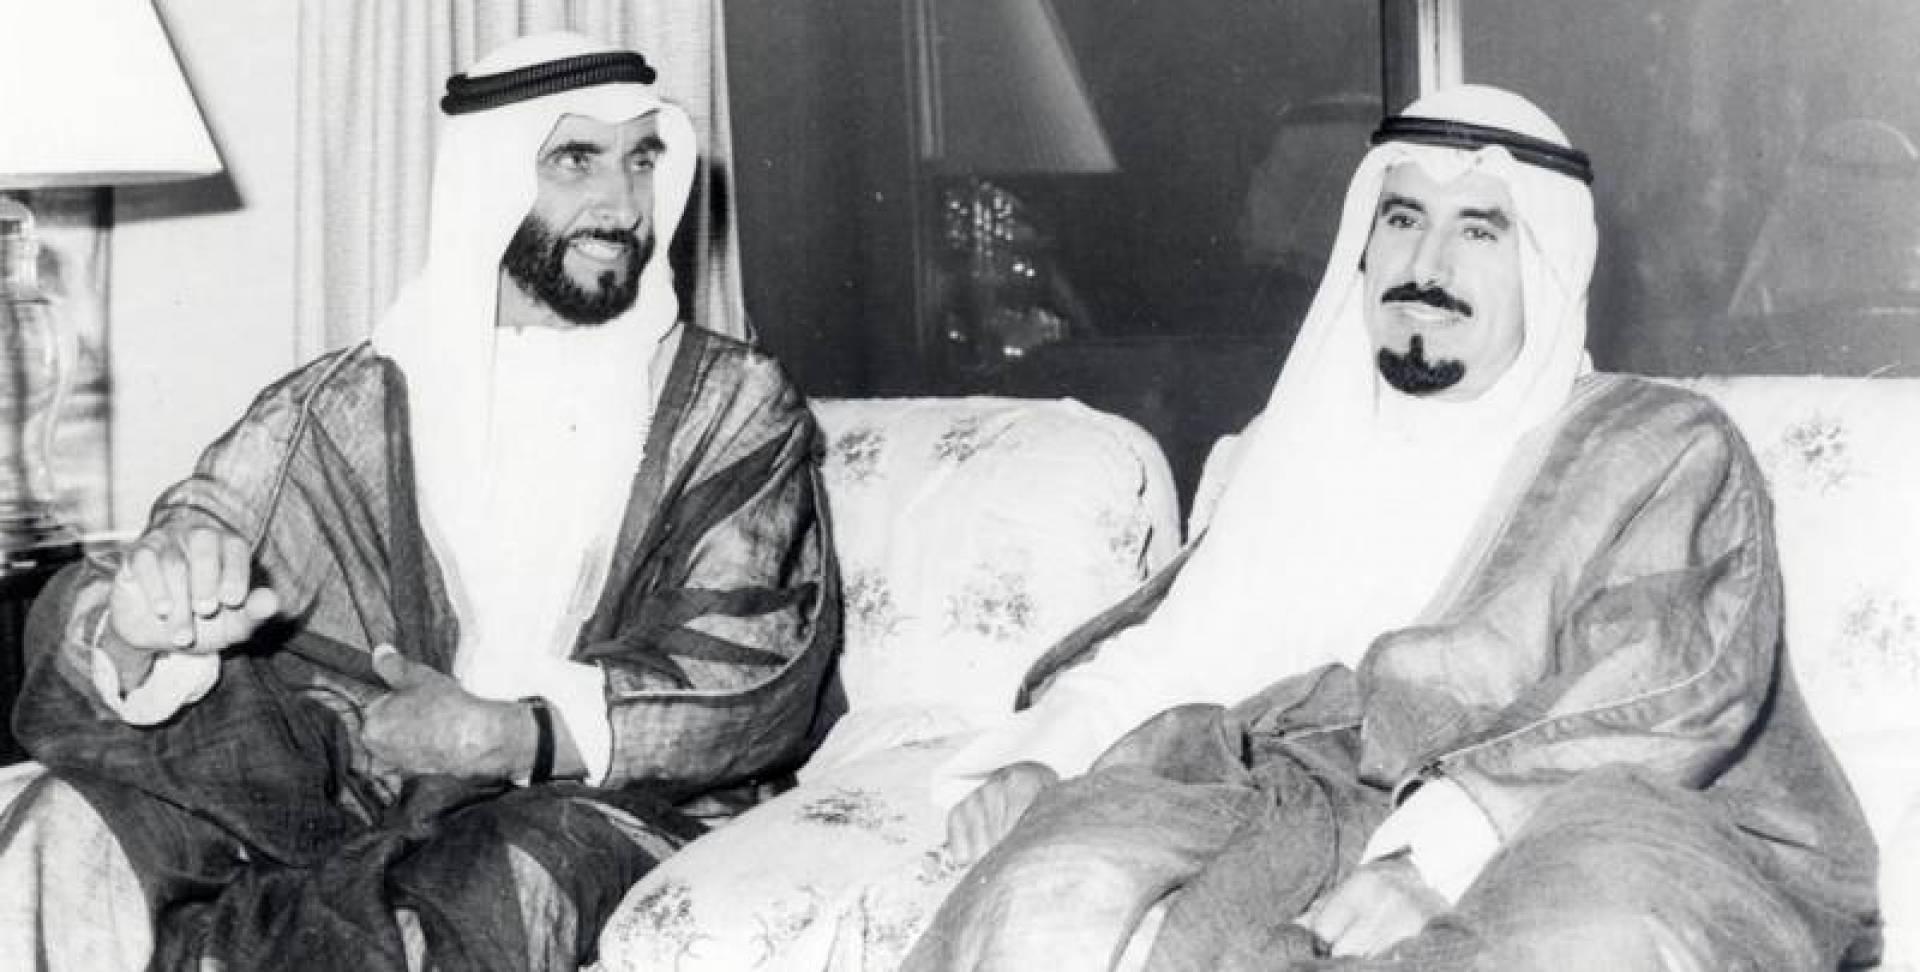 1981| تعاون أمني وعسكري بين دول الخليج.. والشيخ زايد: لا يجوز طلب الحماية من دولة أجنبية